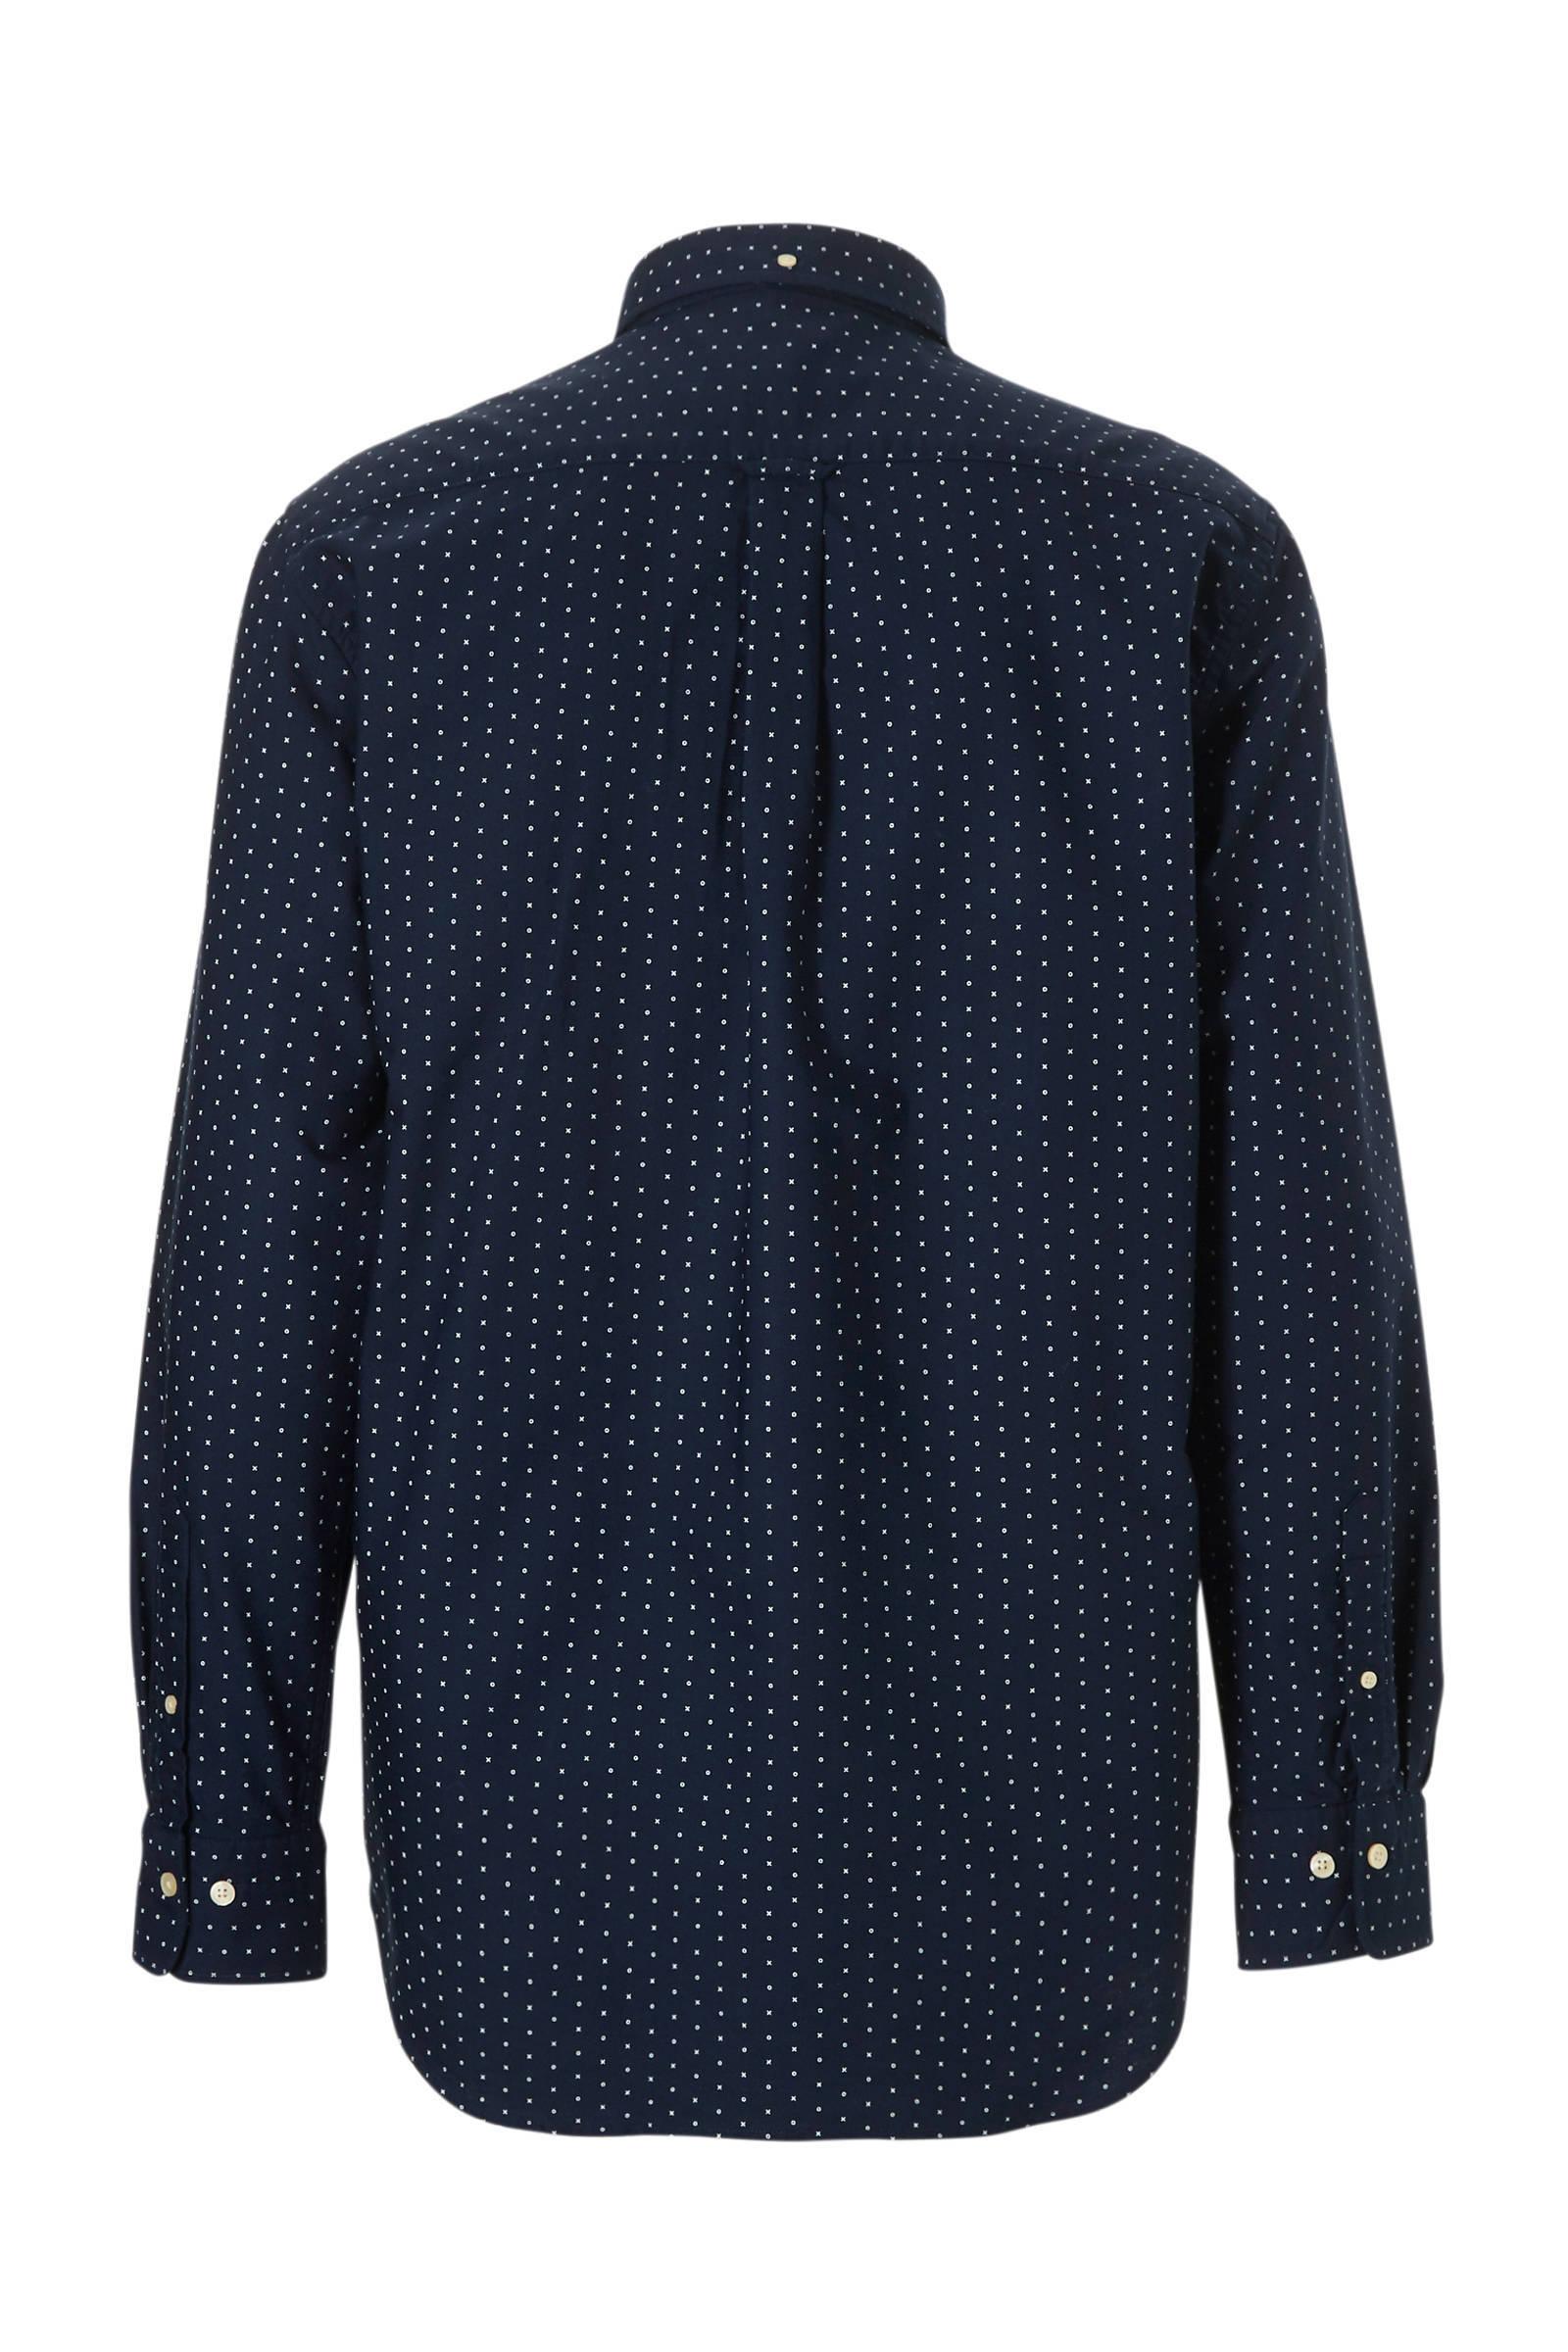 fit overhemd GANT overhemd GANT fit regular regular w6PWxCaqP